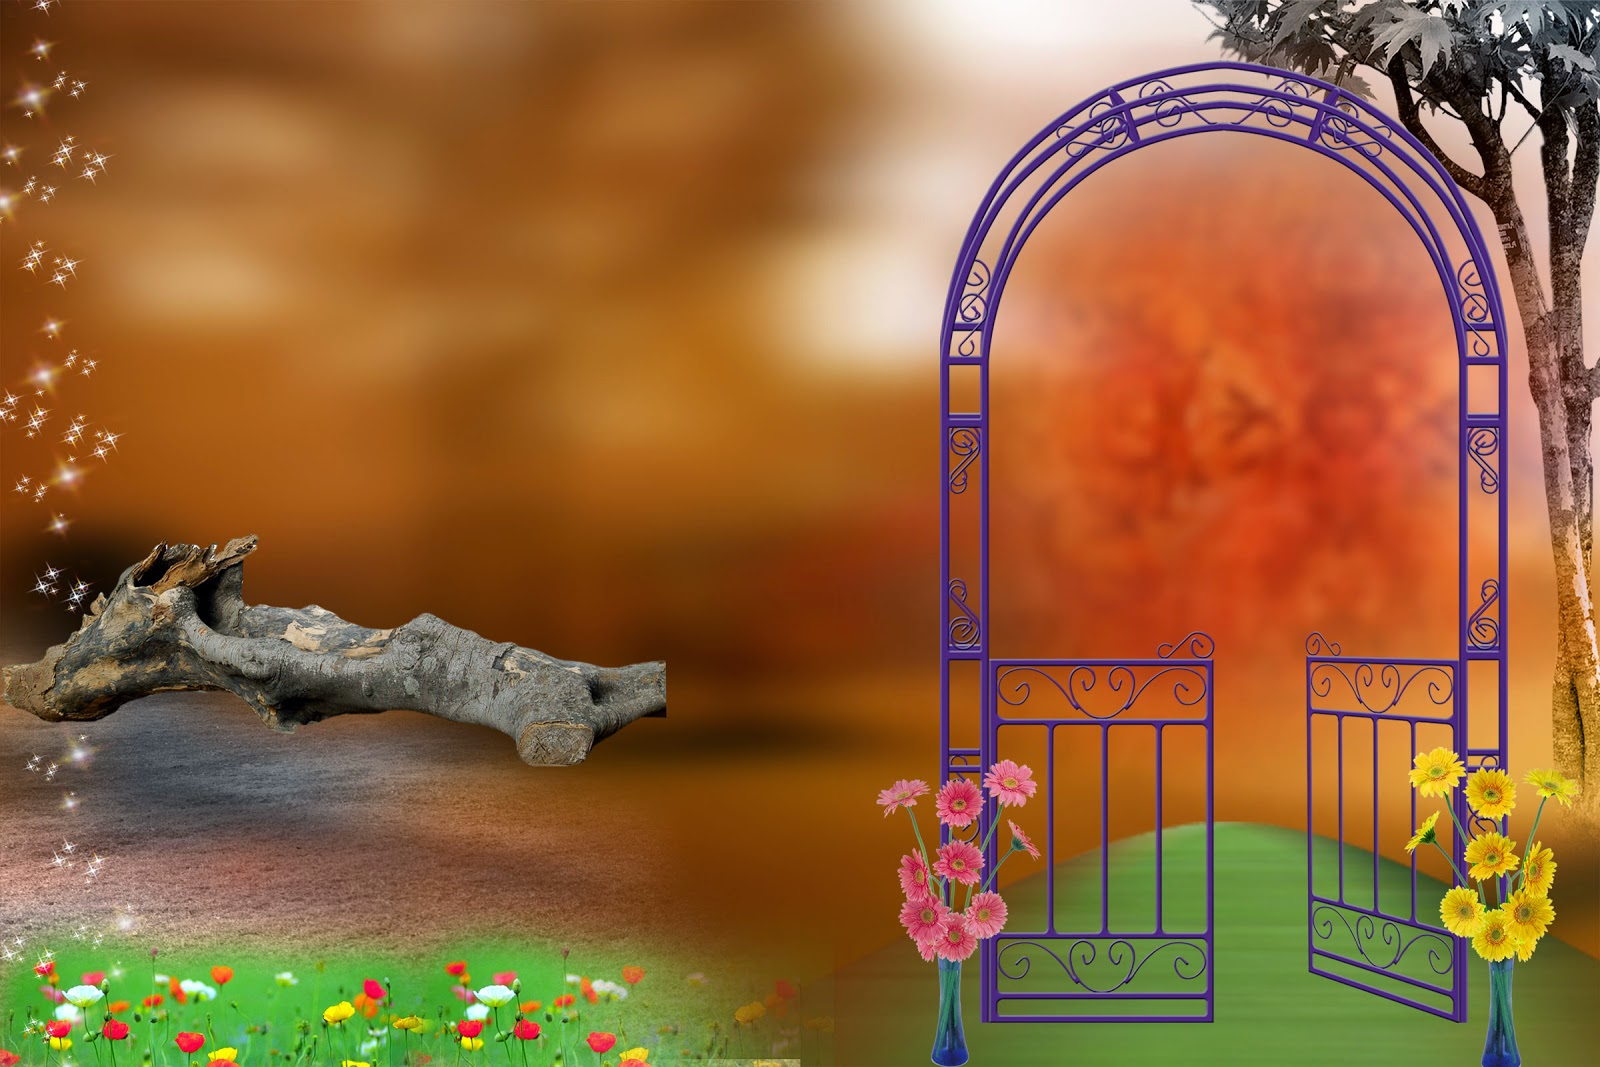 Wedding Photo Album Software Karizma Album Design Psd 12x18 Khalid Academy Provided Karizma Album Designs Psd Files Tricks 4 U Karizma Album Design 12x36 Psd Templates Download Home Design Ideas